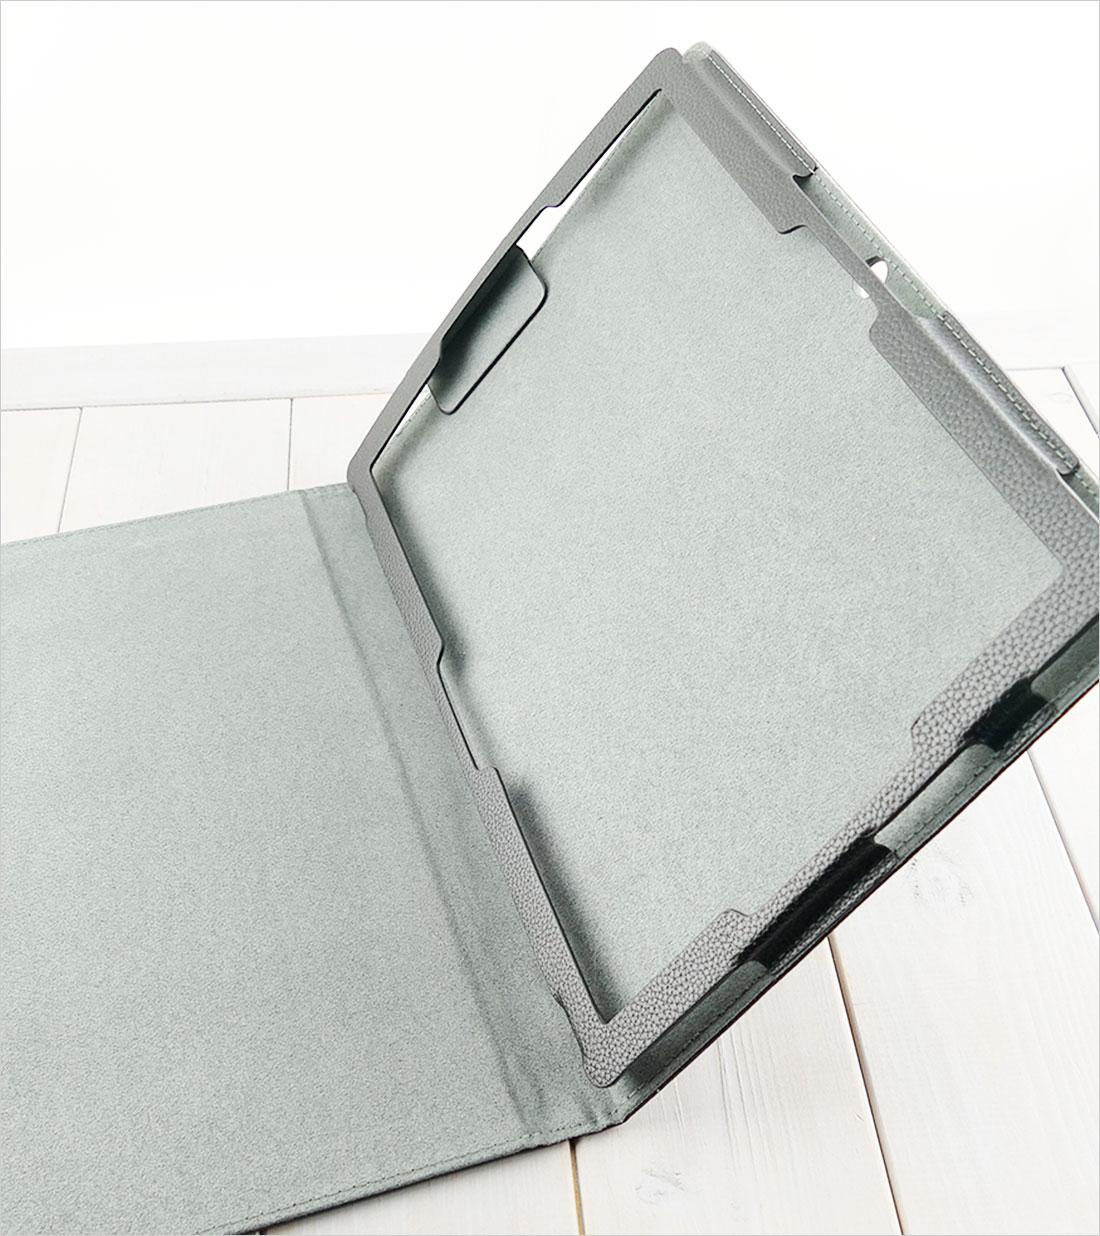 pokrowiec na tablet / 2w1 / hybrydę / ultrabook Dell Inspiron 5280 12-5280-D1705S 12,3 cala z możliwością włożenia z klawiaturą